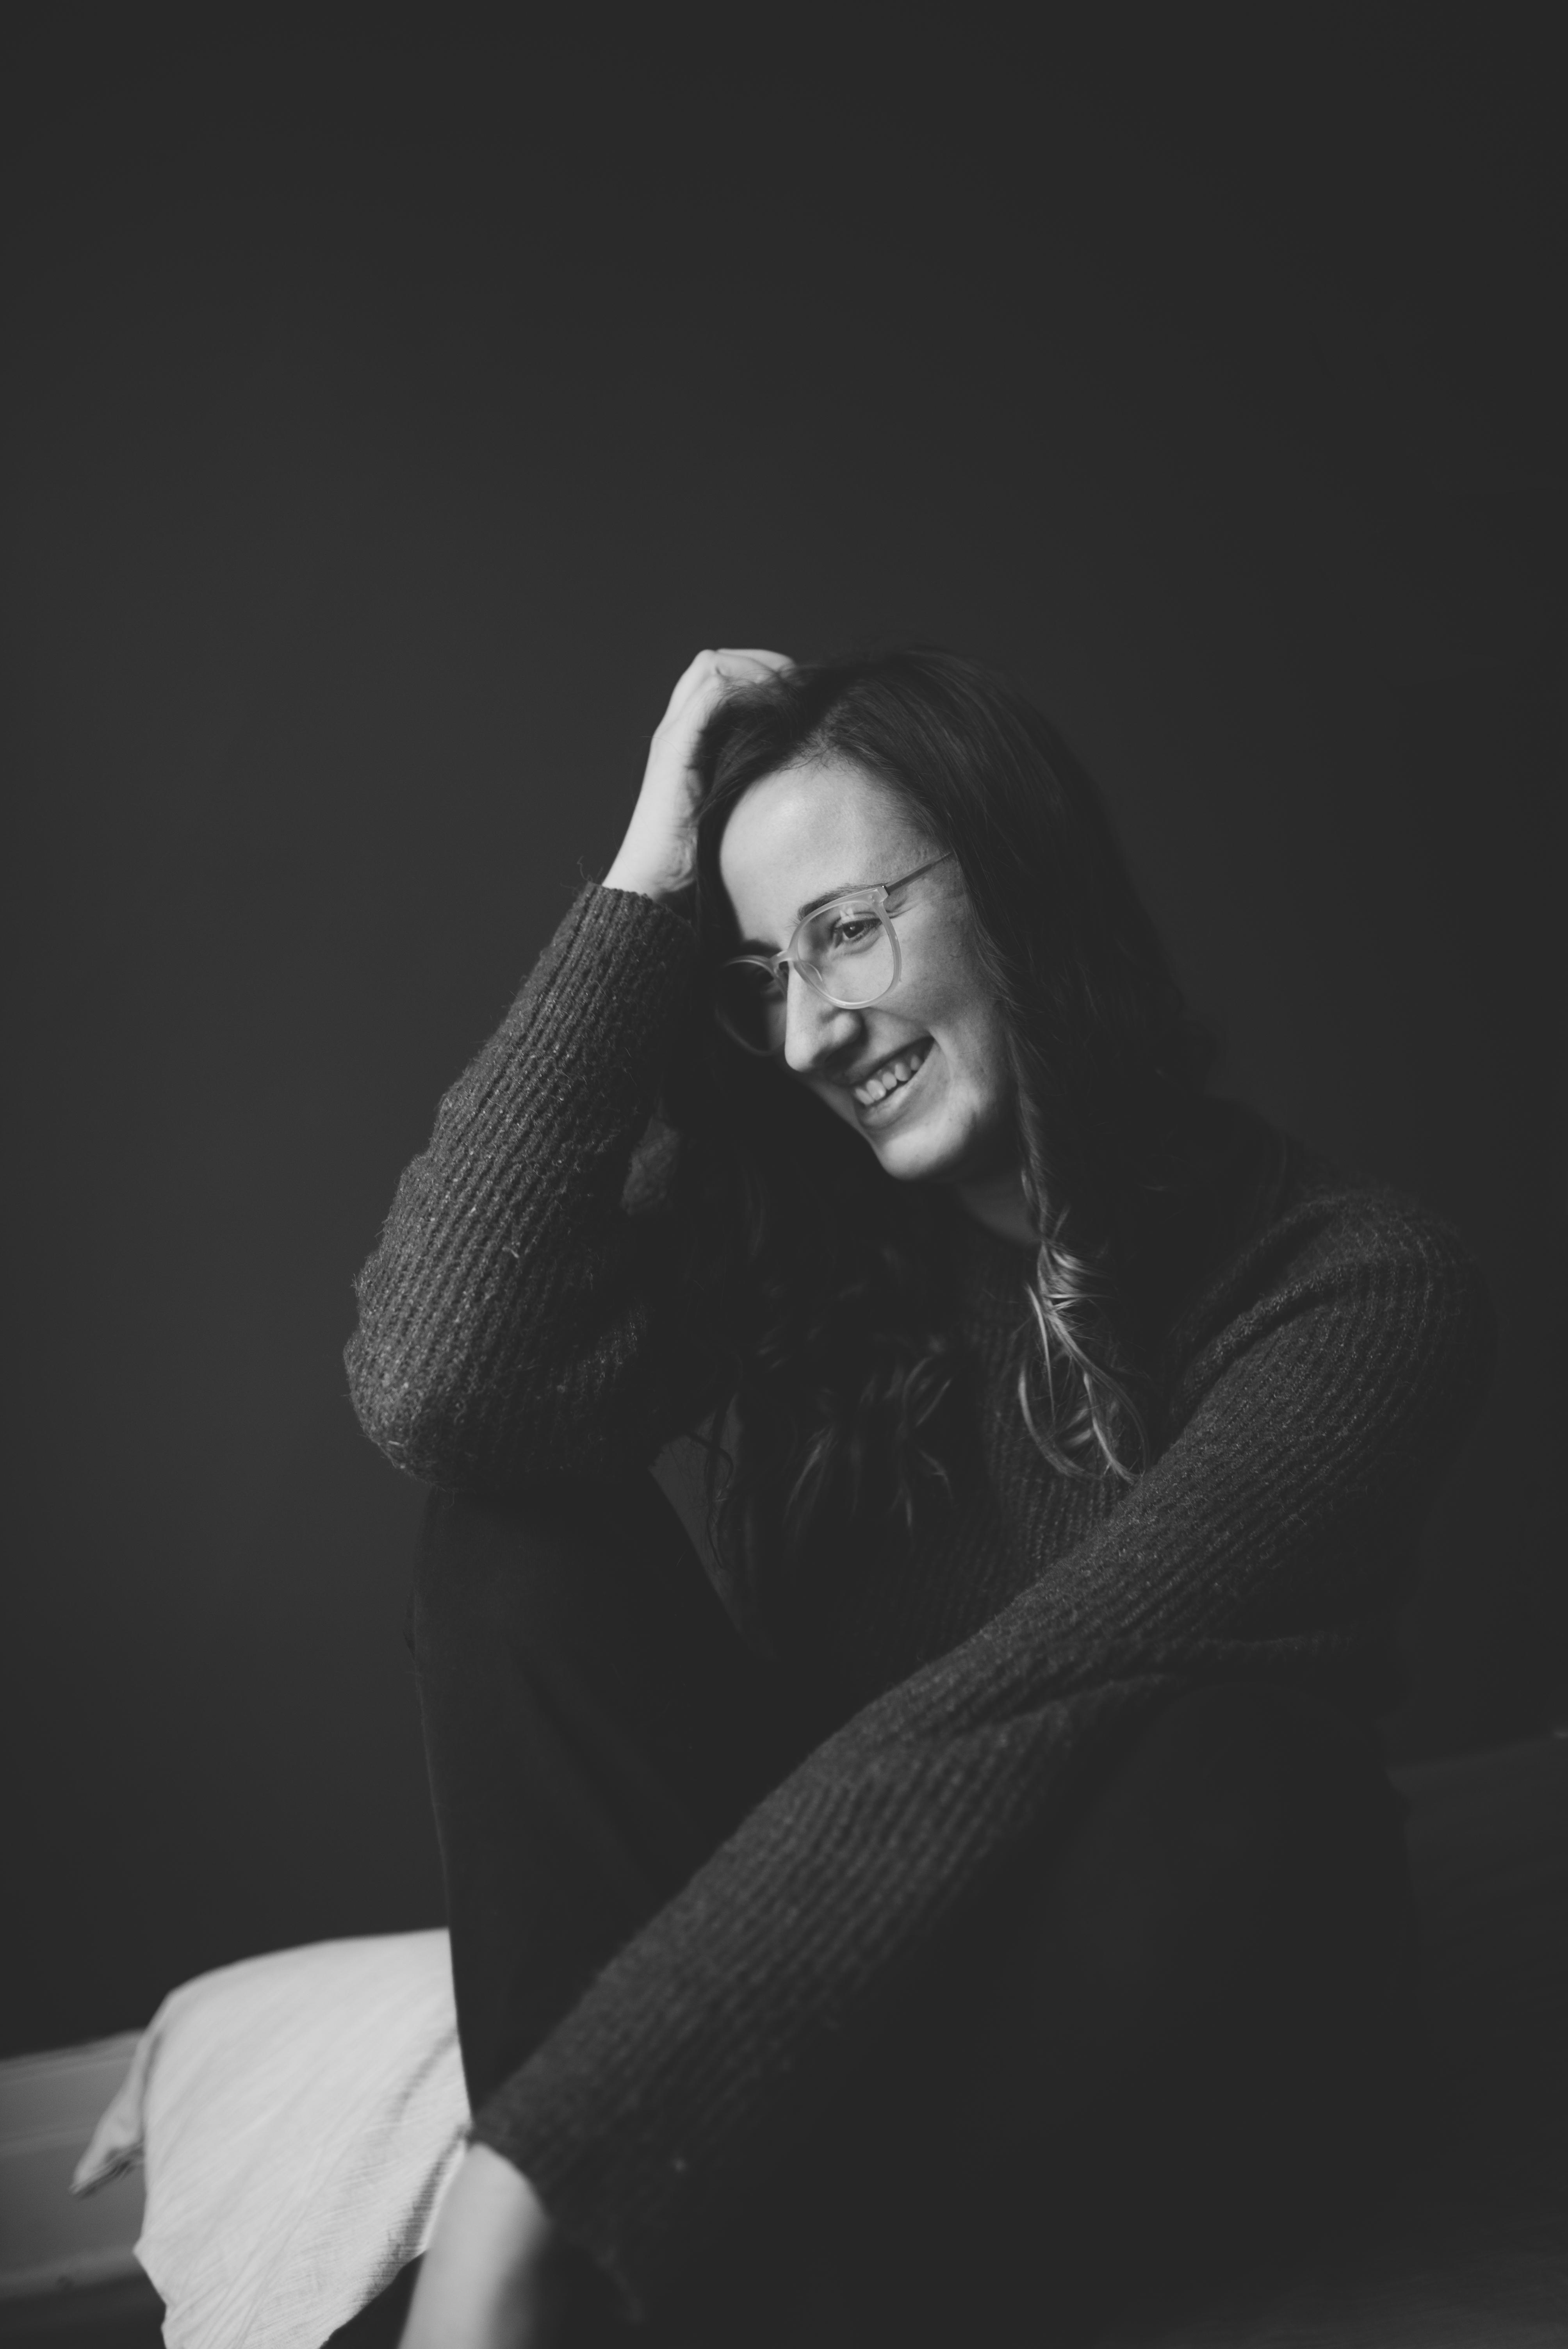 Photographe de naissance, Photographie de naissance, Photographe d'accouchement, Photographie d'accouchement, Birth Photographer, Birth Photography, Montreal Birth Photographer, Doula, Montreal Doula, Accompagnante à la naissance, Accompagnement à la naissance, Accouchement à domicile, Maison de naissance, Maison de naissance du Boisé, Récit de naissance, Récits de naissance, Maude Colin